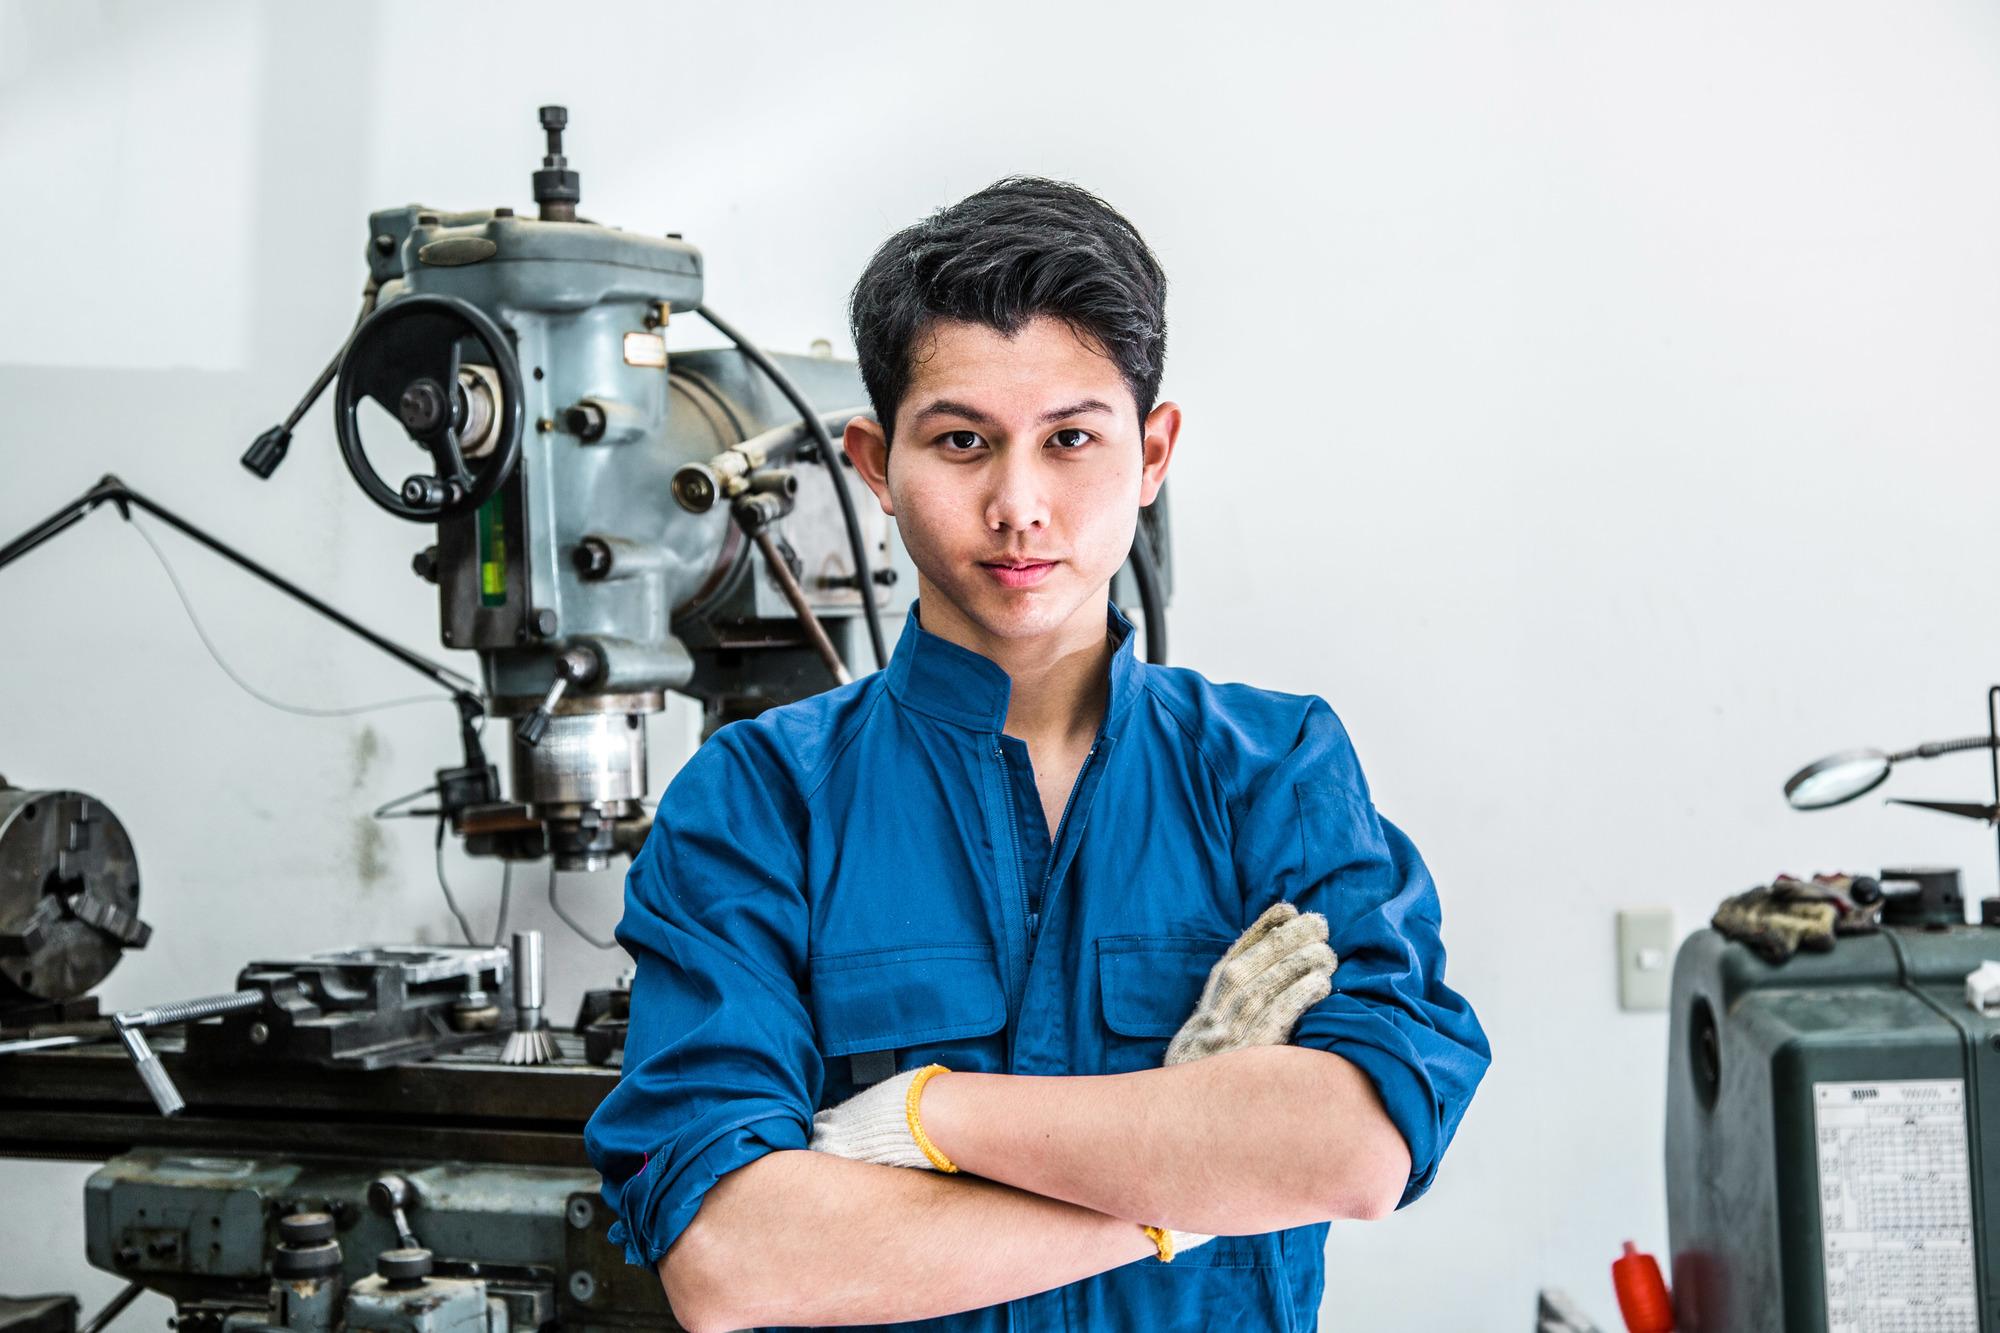 製造業で働くための志望動機:履歴書や面接で伝えるべき内容 ...